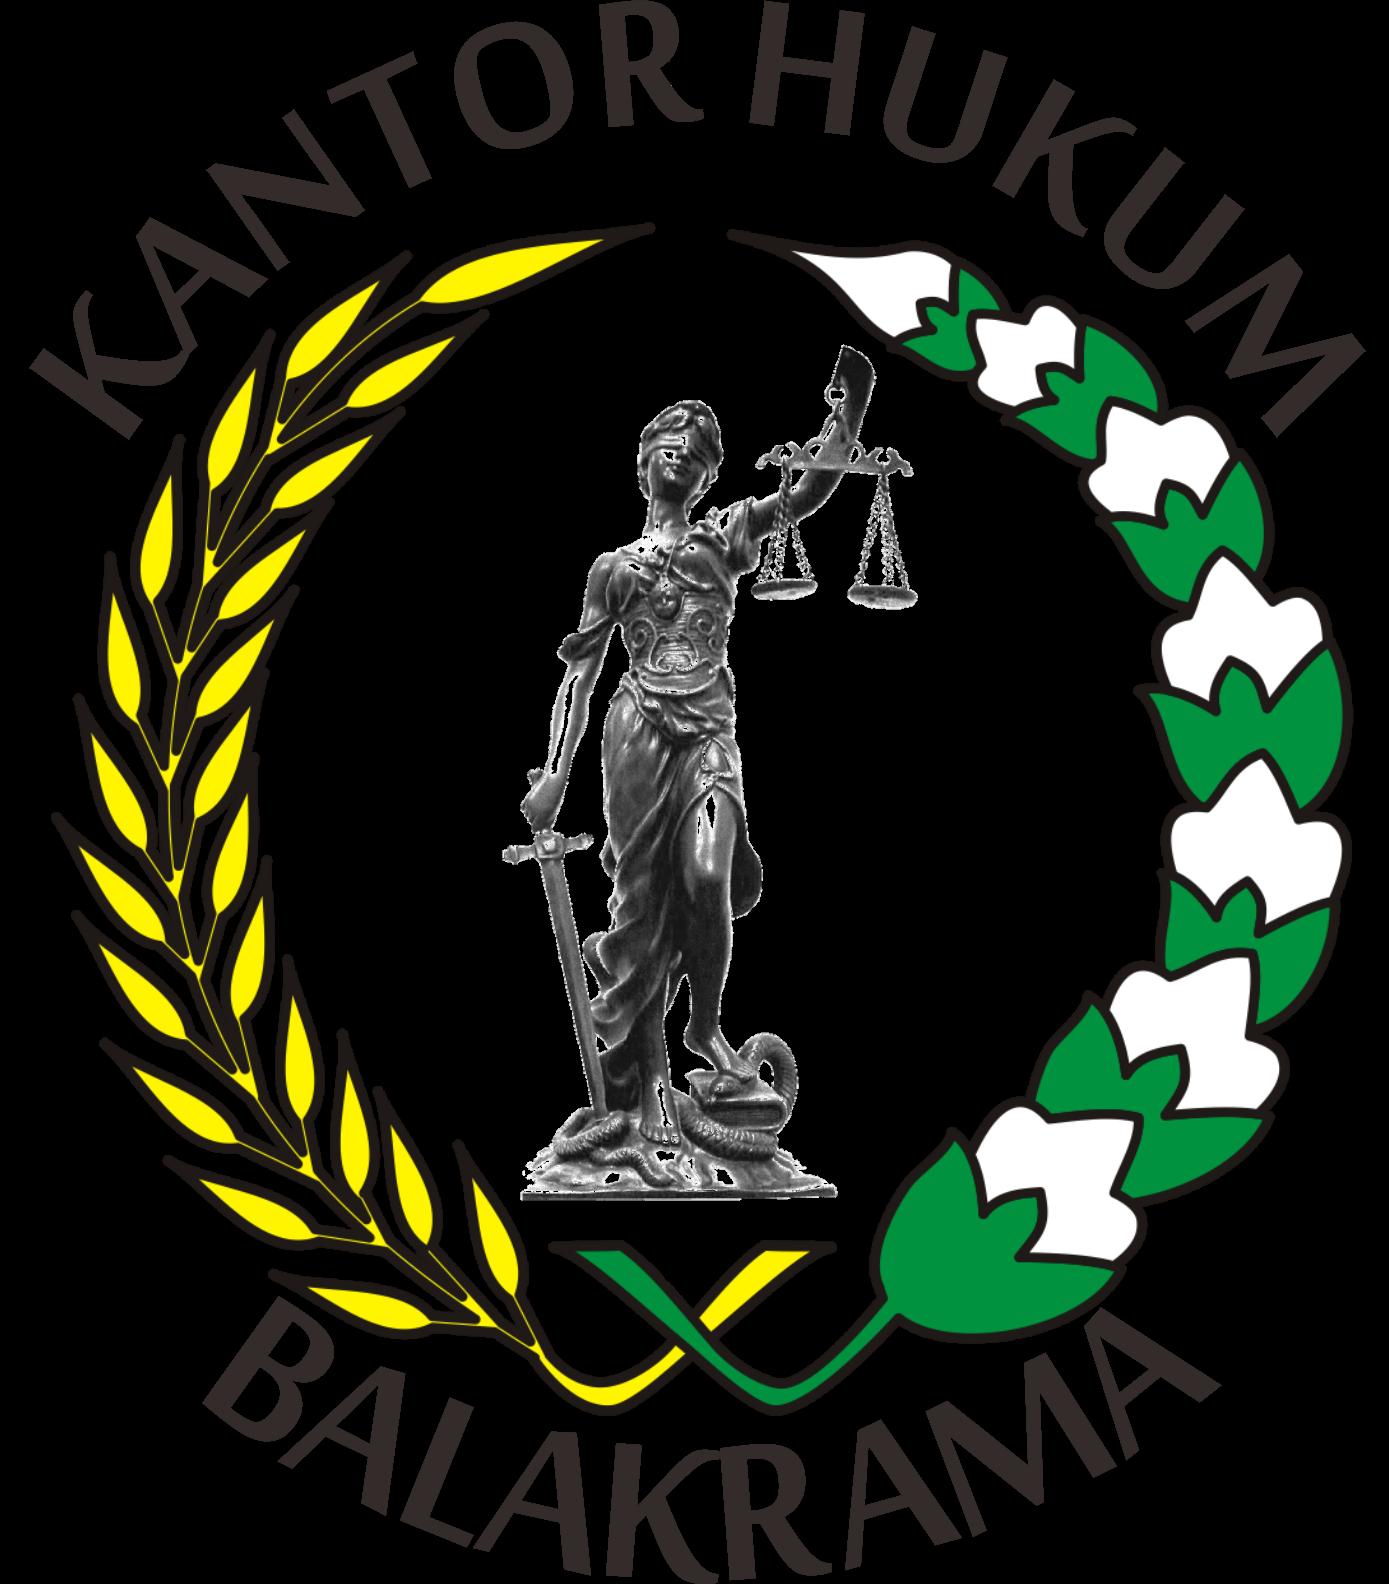 kantor advokat logo 6627905 academiasalamancainfo